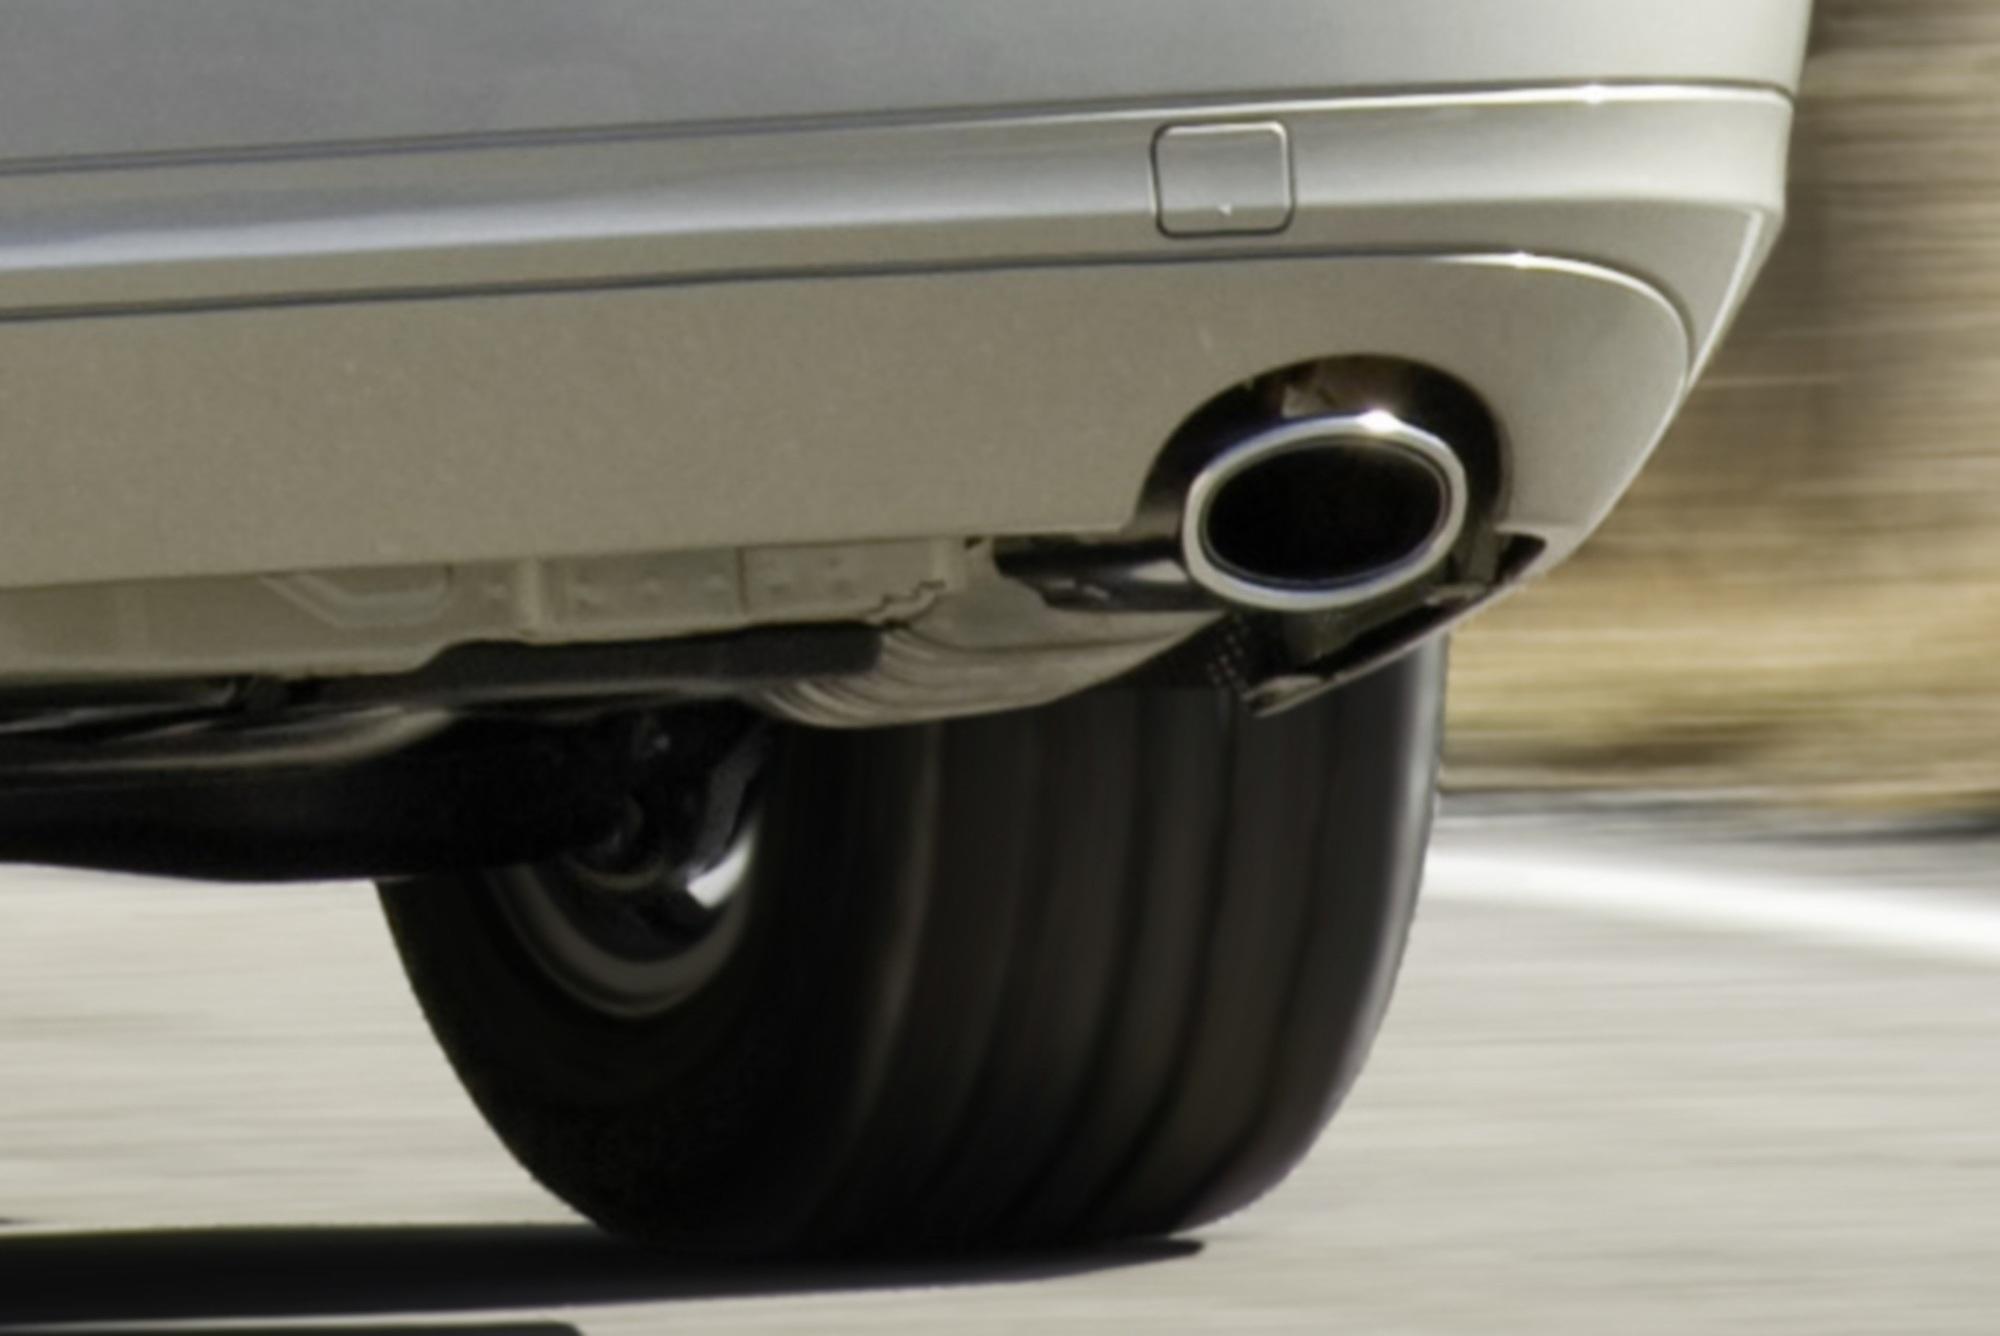 Diesel-Stickoxid-Emissionen - Viel dreckiger als erlaubt